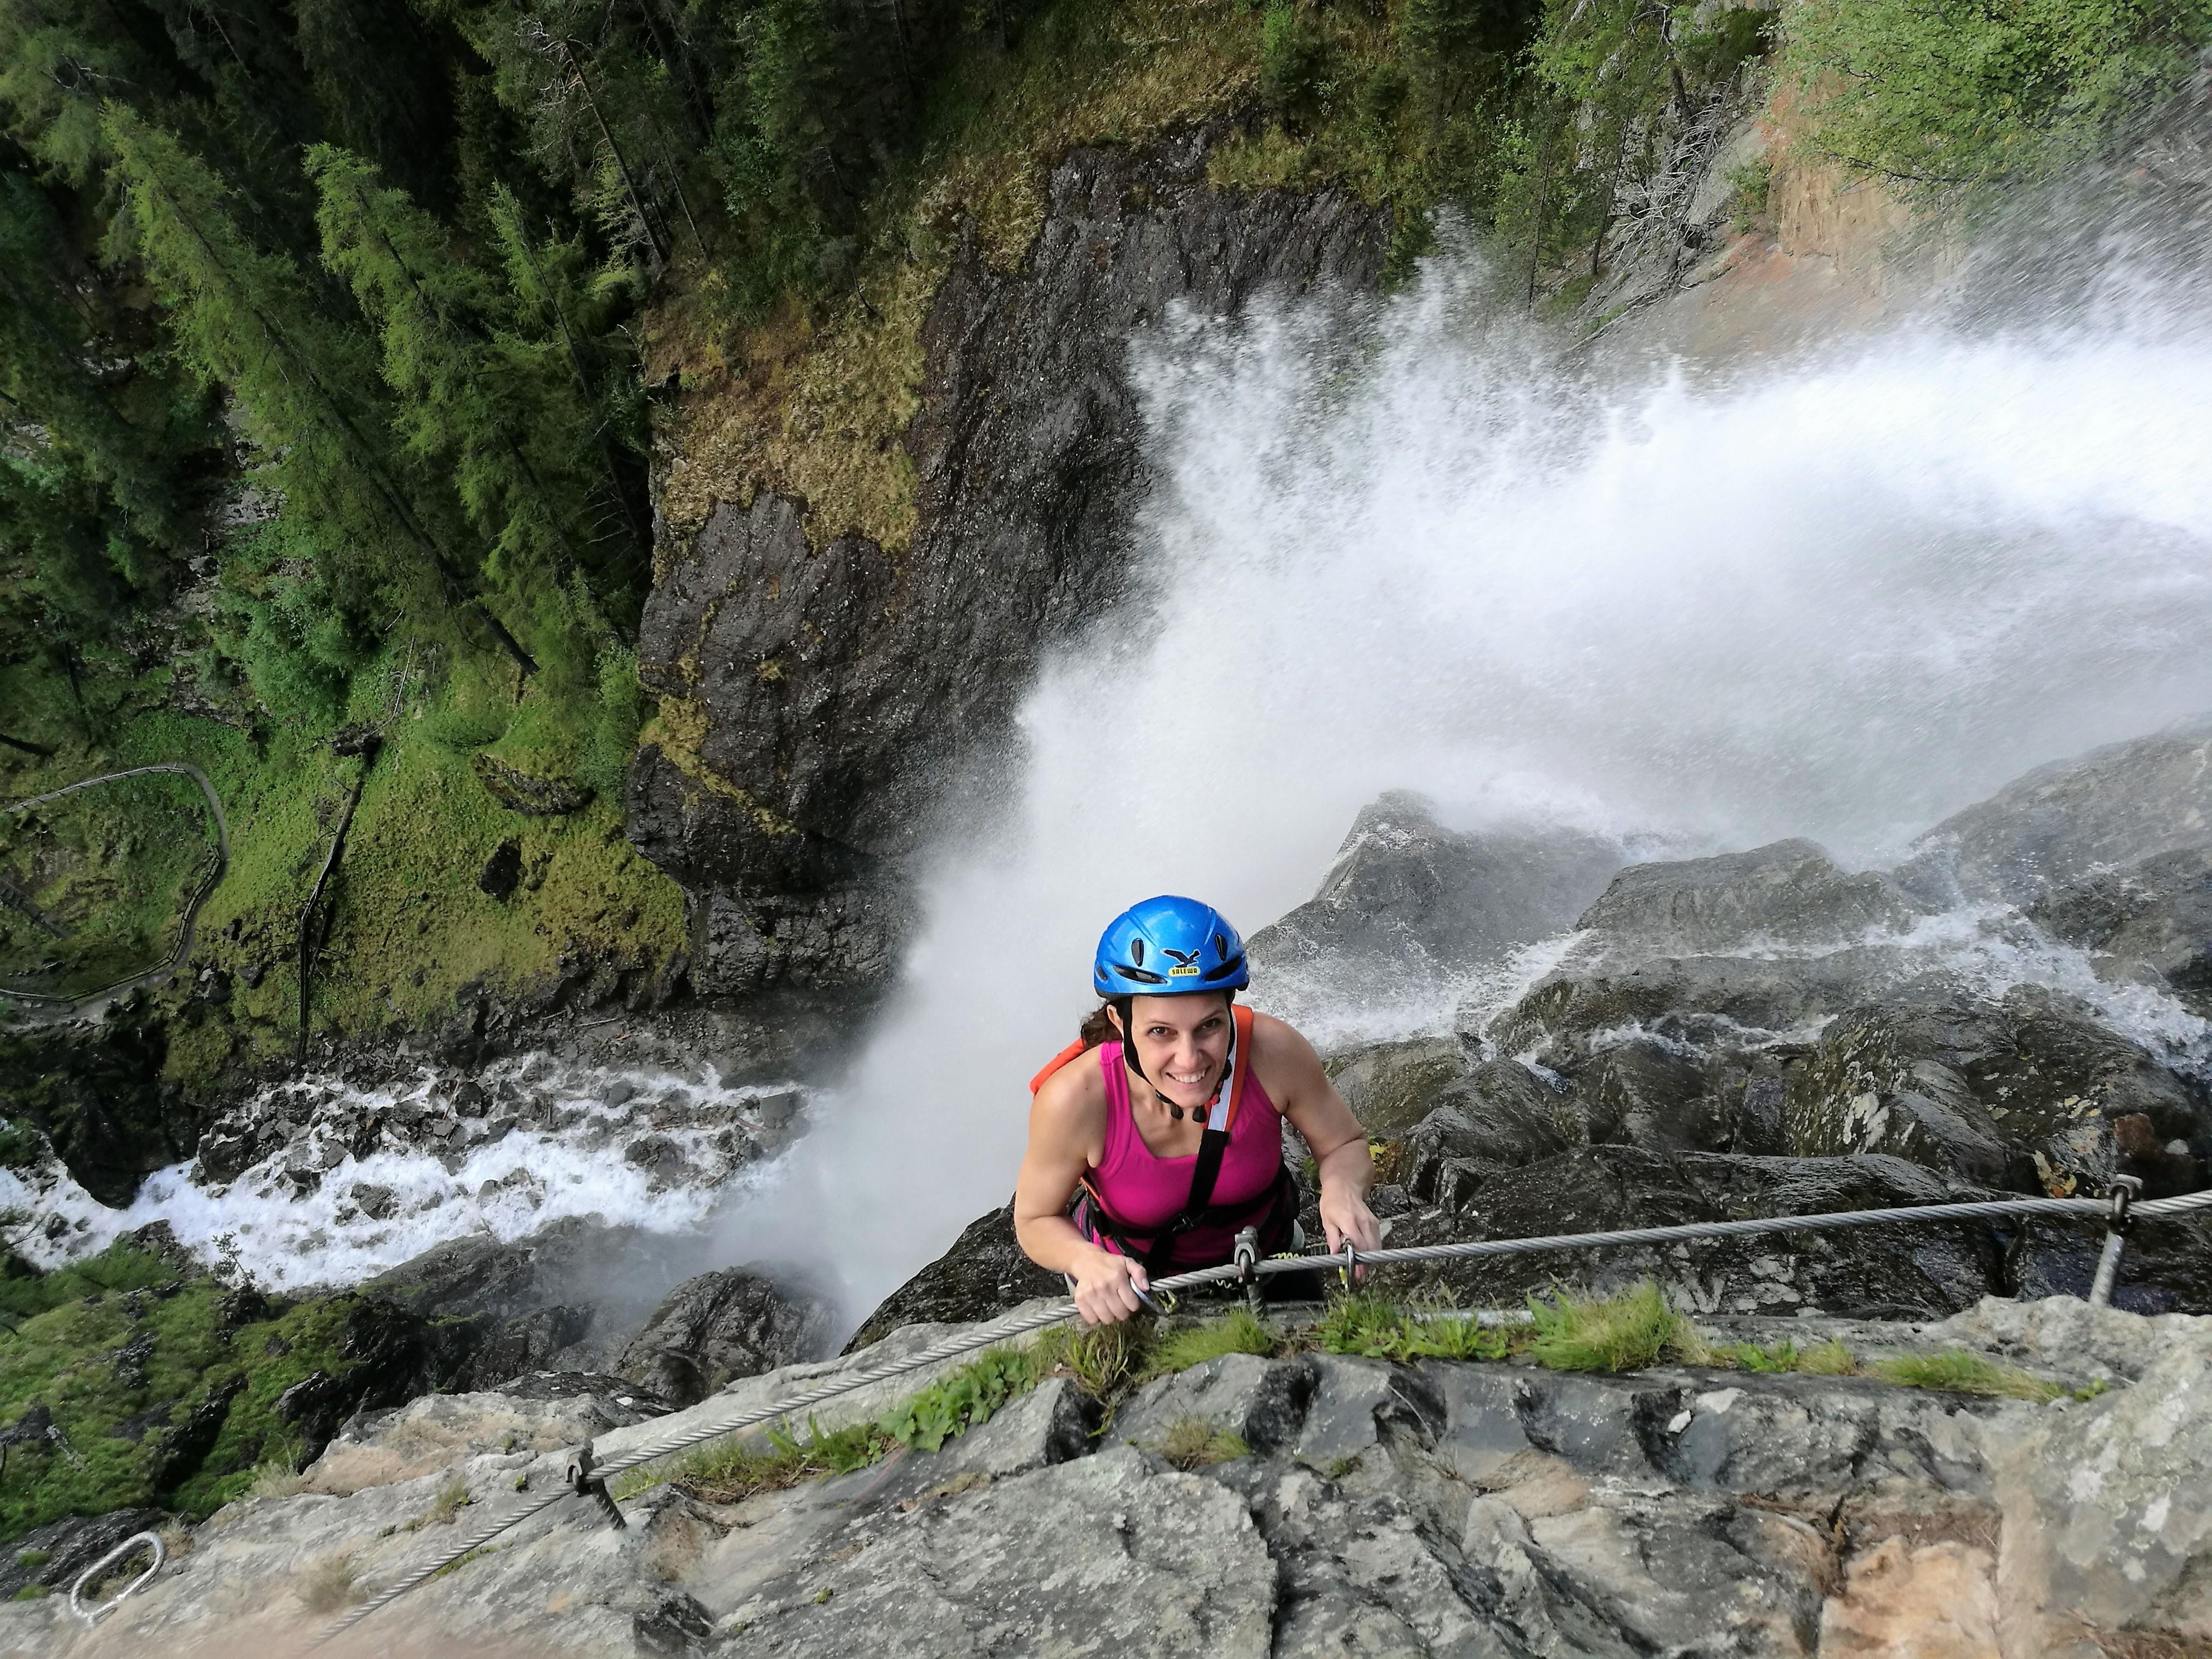 Klettersteig Lehner Wasserfall : Der spektakuläre lehner wasserfall klettersteig moosbrugger climbing